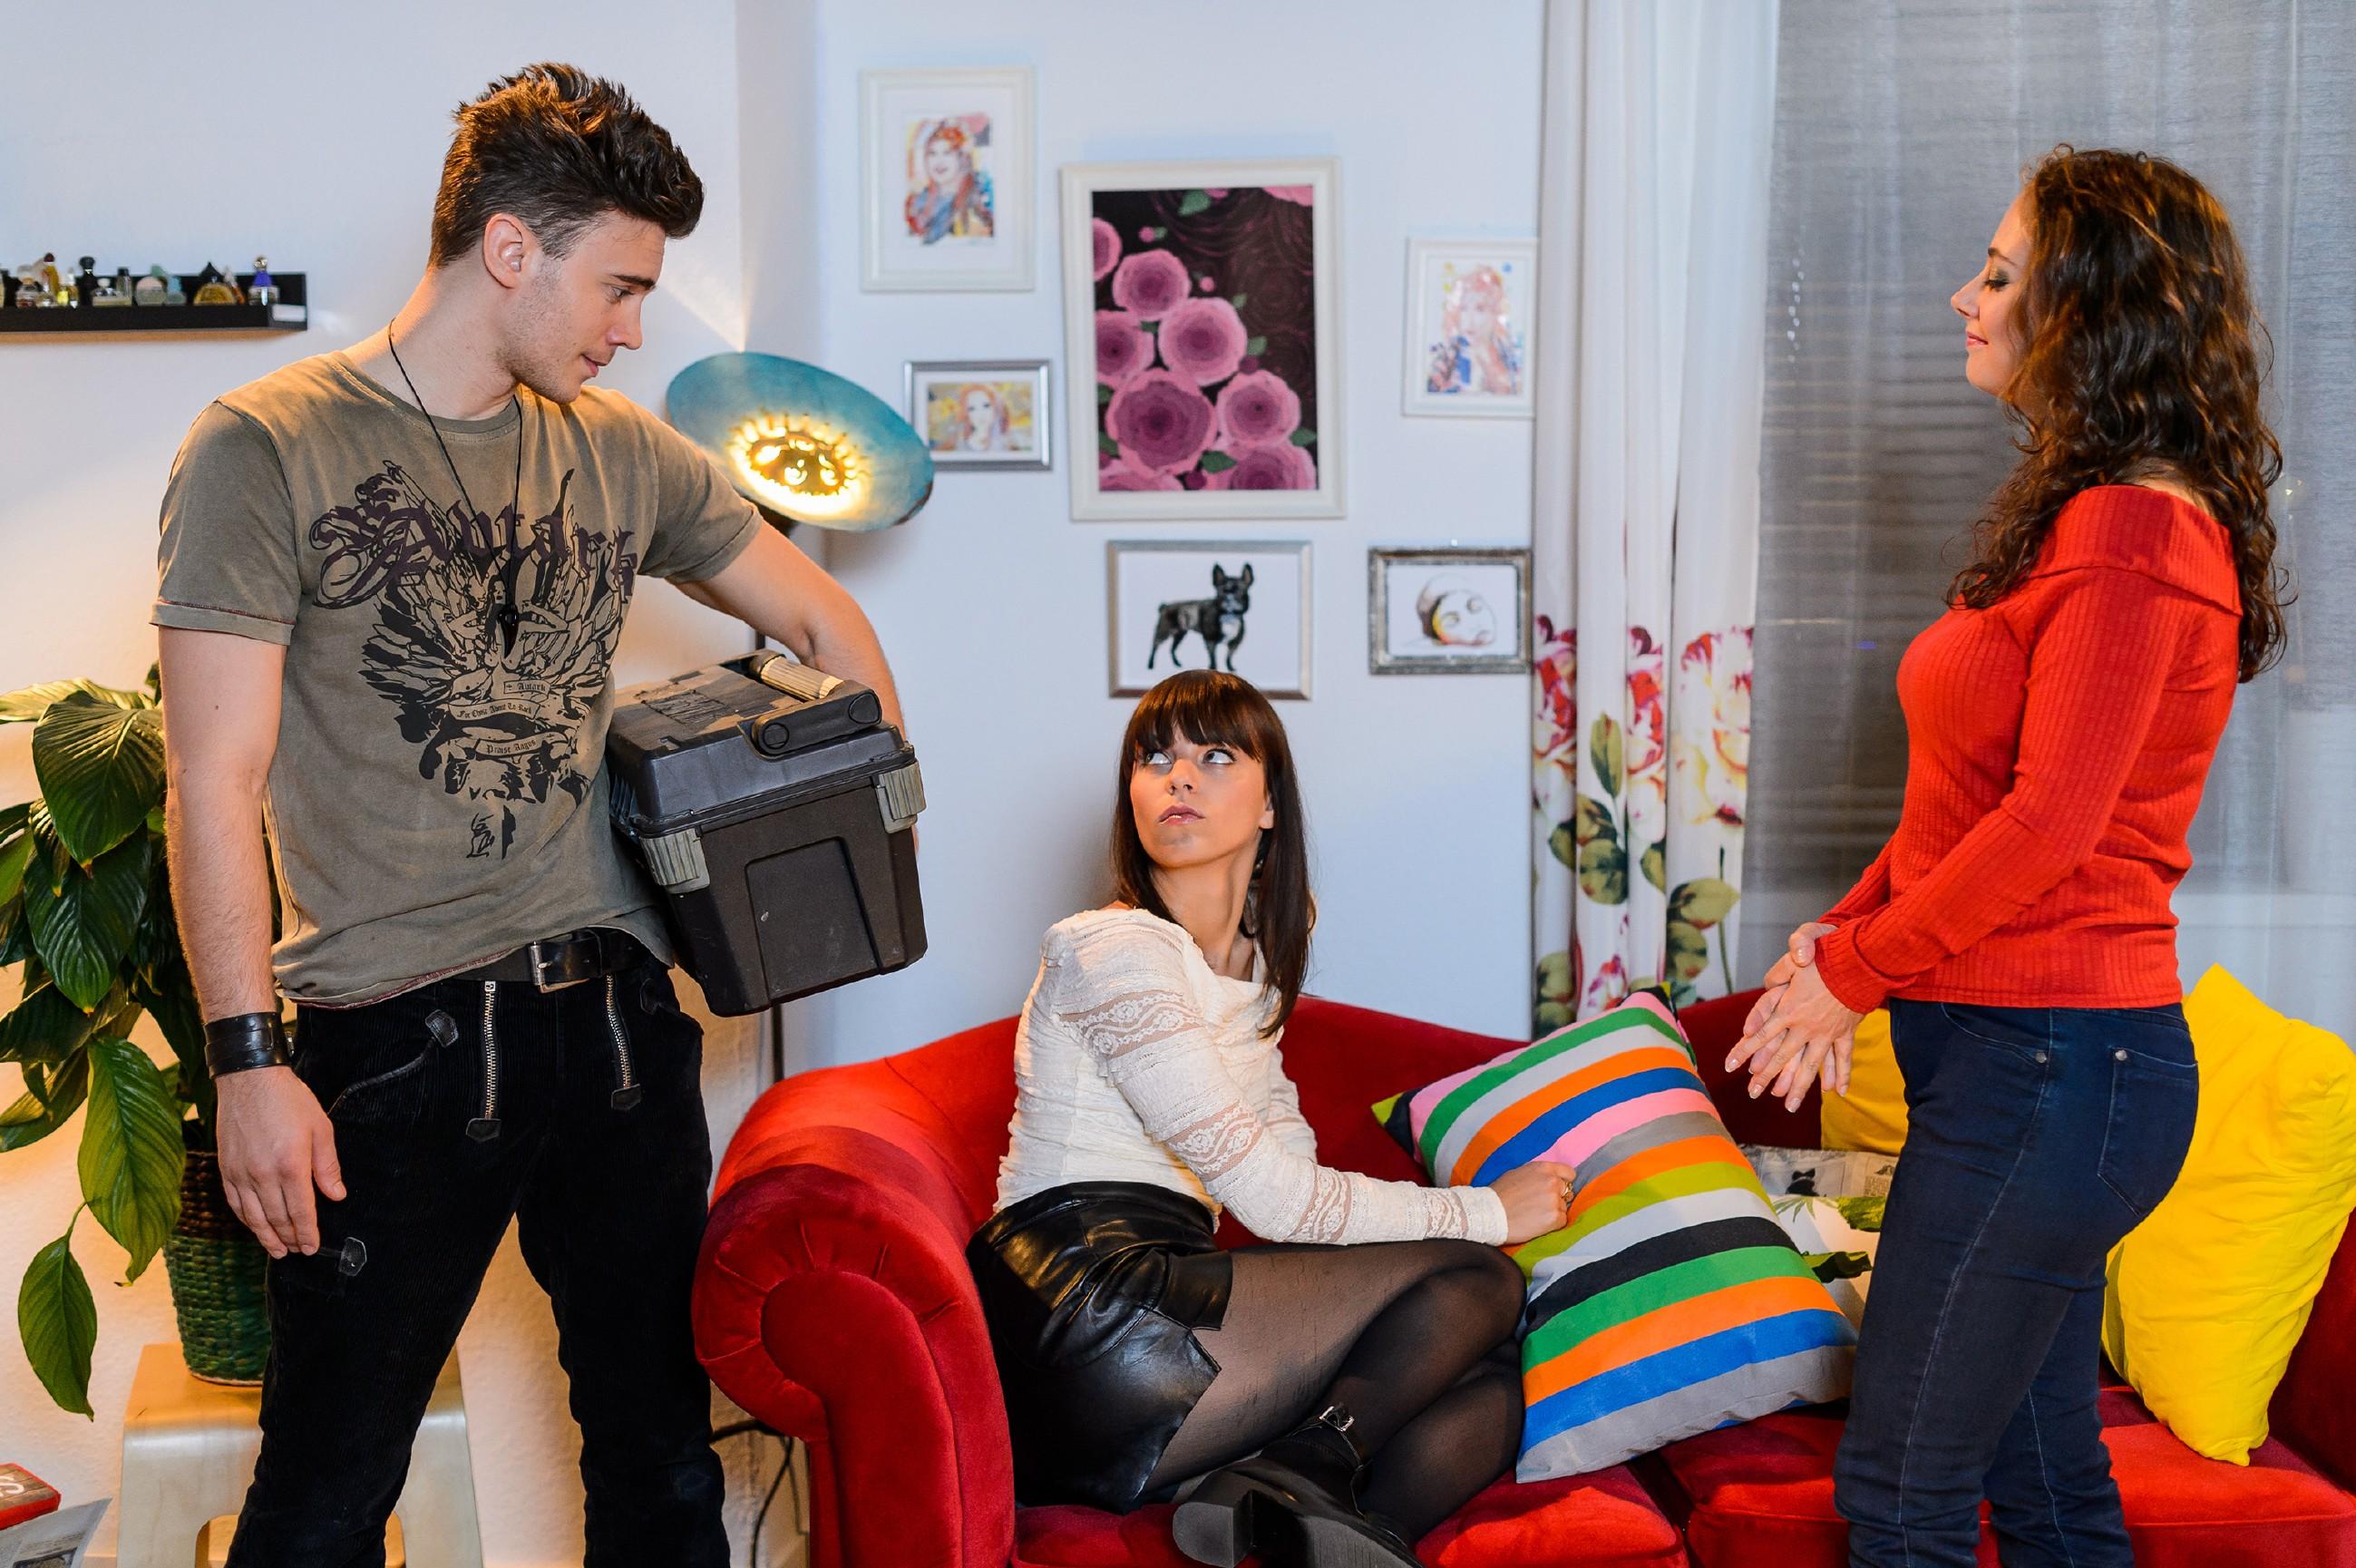 Im Gegensatz zu Michelle (Franziska Benz, M.) ist Ronny (Bela Klentze) begeistert, dass sie Nachbarn sind - was Carmen (Heike Warmuth) mit Skepsis zur Kenntnis nimmt.